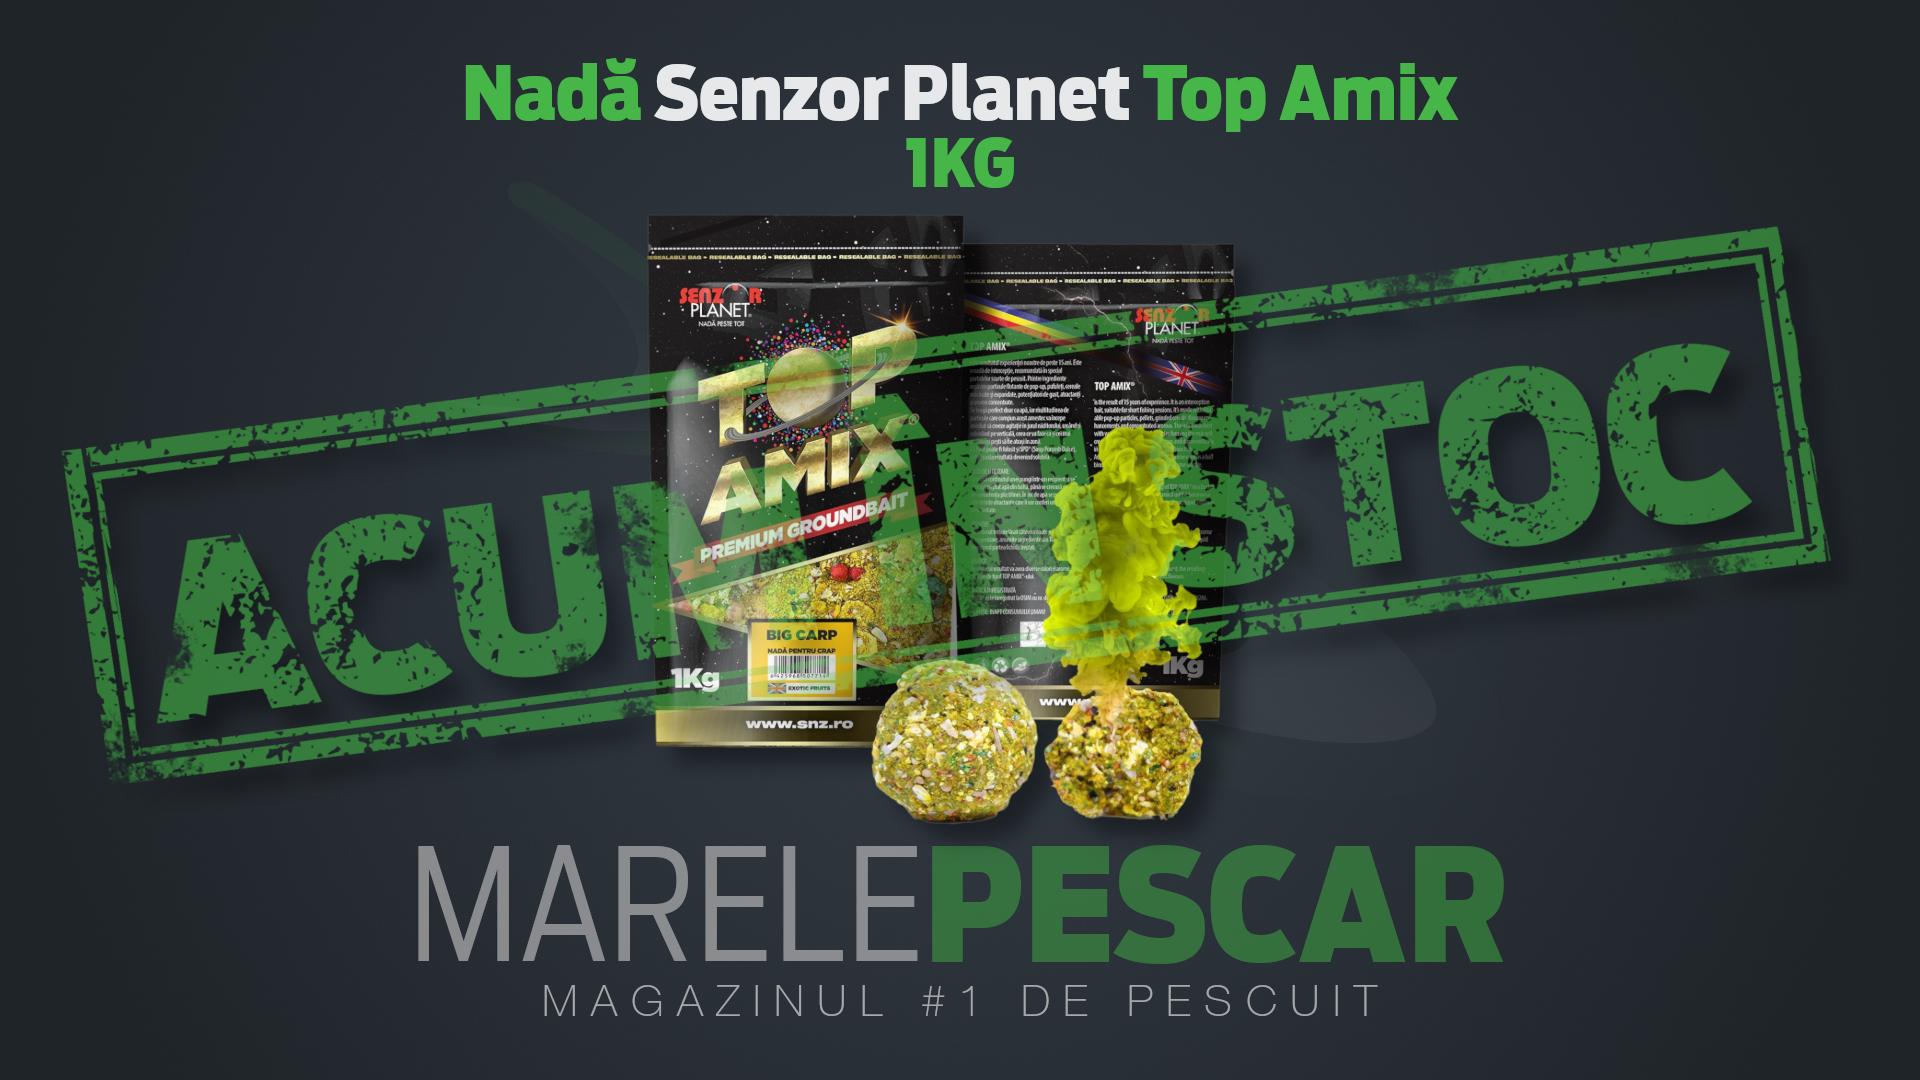 Nadă Senzor Planet Top Amix (acum în stoc)